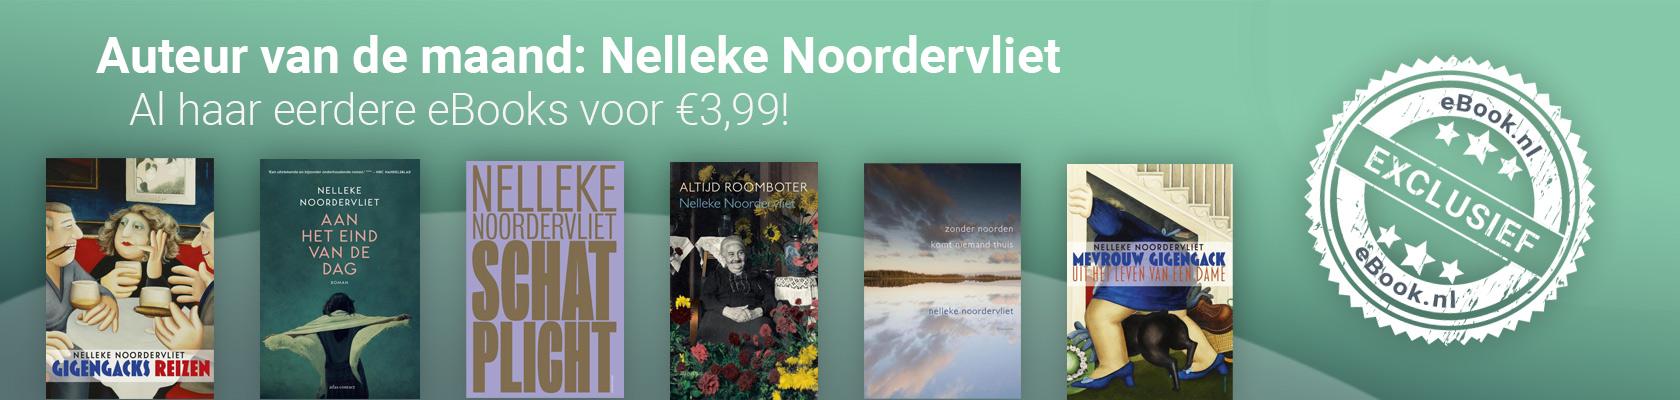 Auteur van de maand: Nelleke Noordervliet